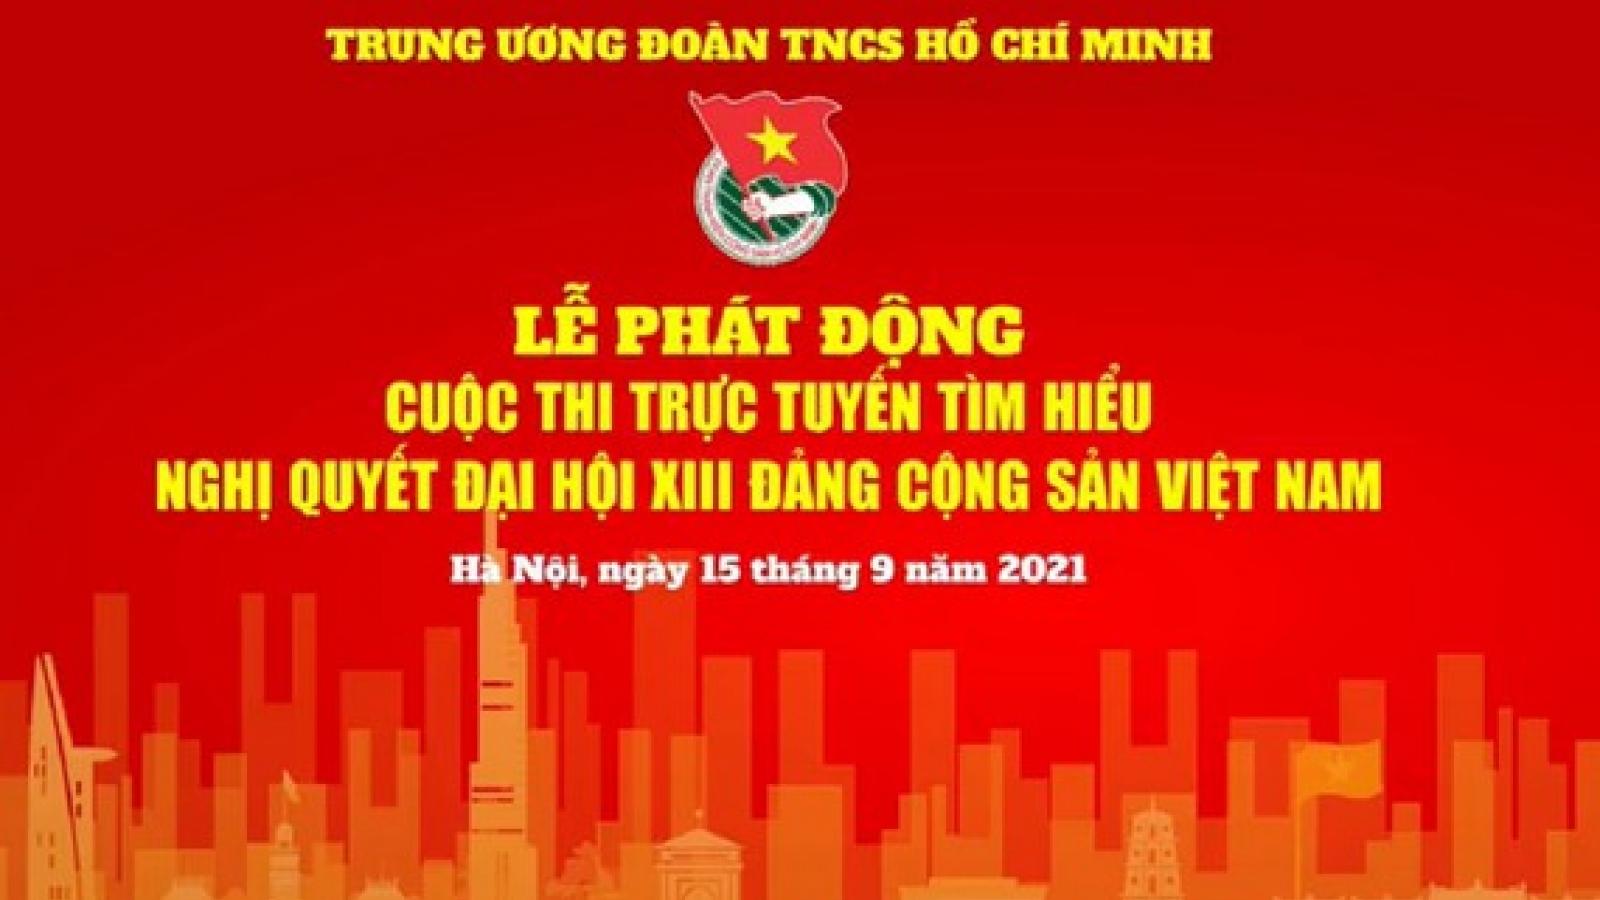 Phát động cuộc thi trực tuyến tìm hiểu Nghị quyết Đại hội 13 Đảng Cộng sản Việt Nam